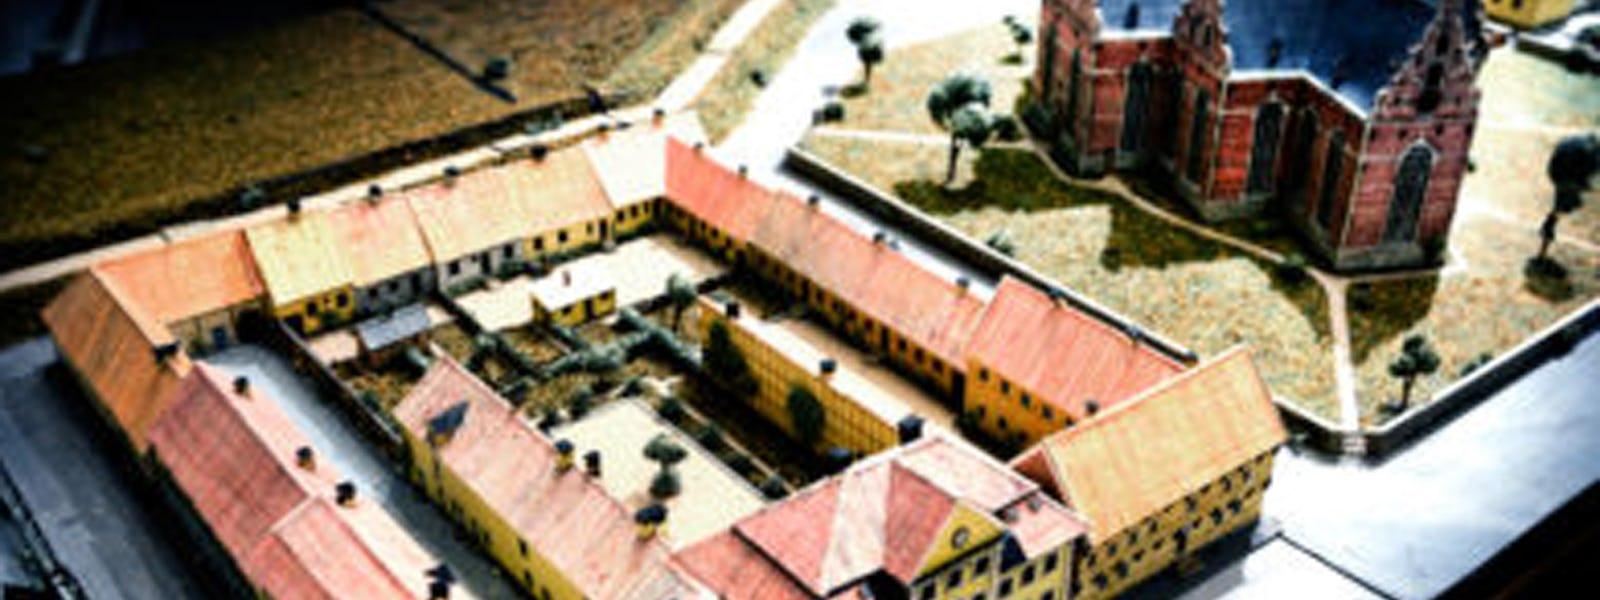 Bild - Guidning på Artillerimuseet